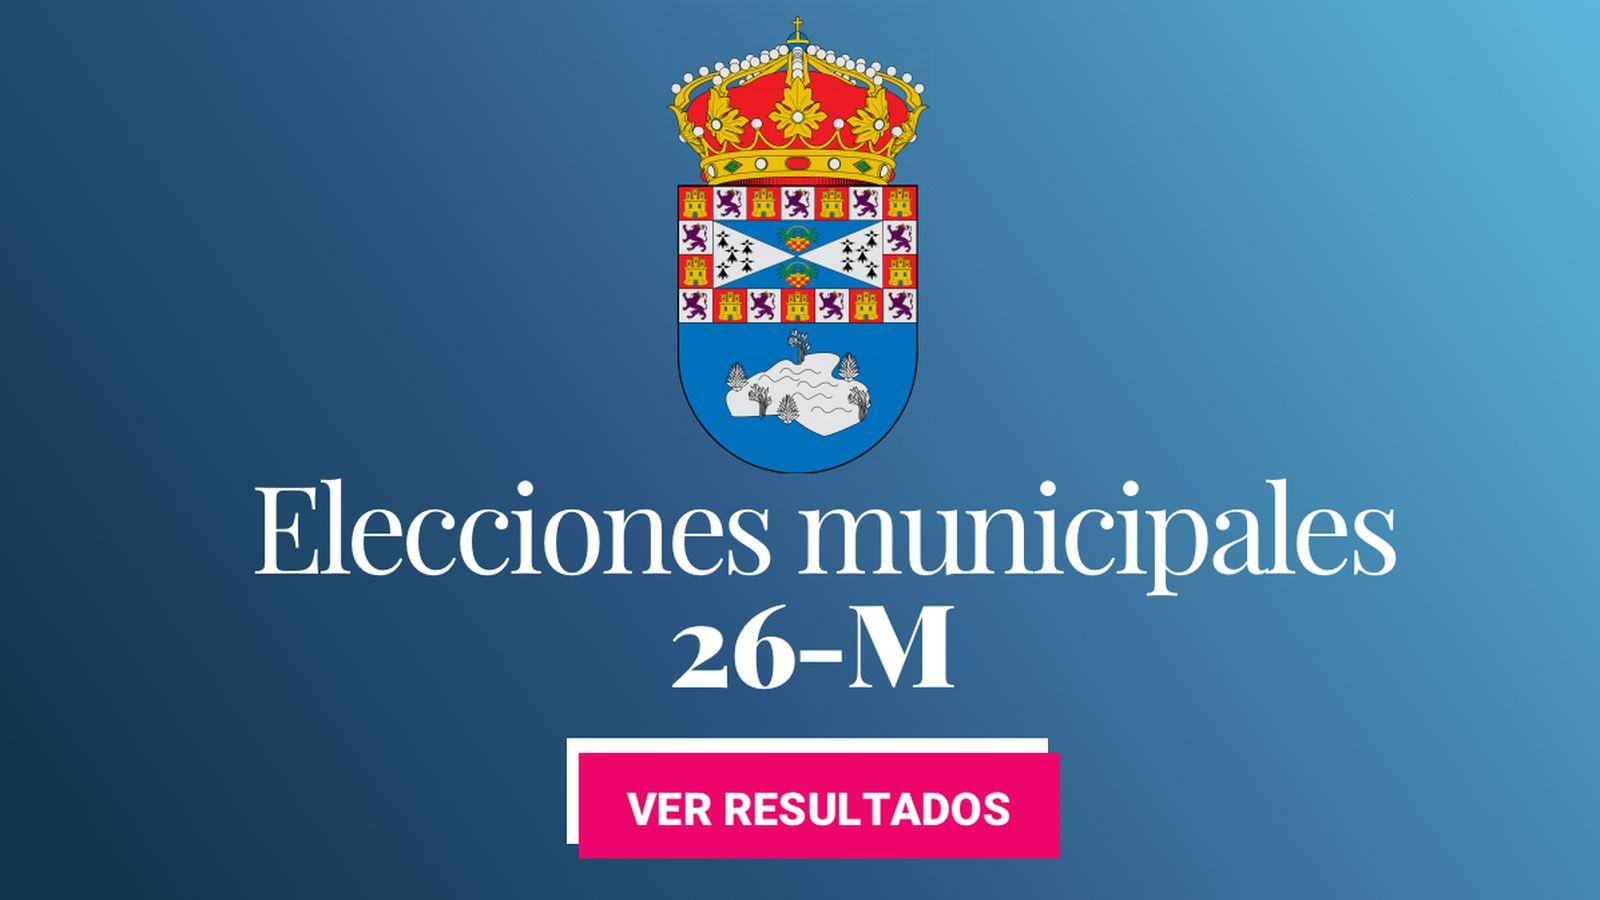 Foto: Elecciones municipales 2019 en Leganés. (C.C./EC)